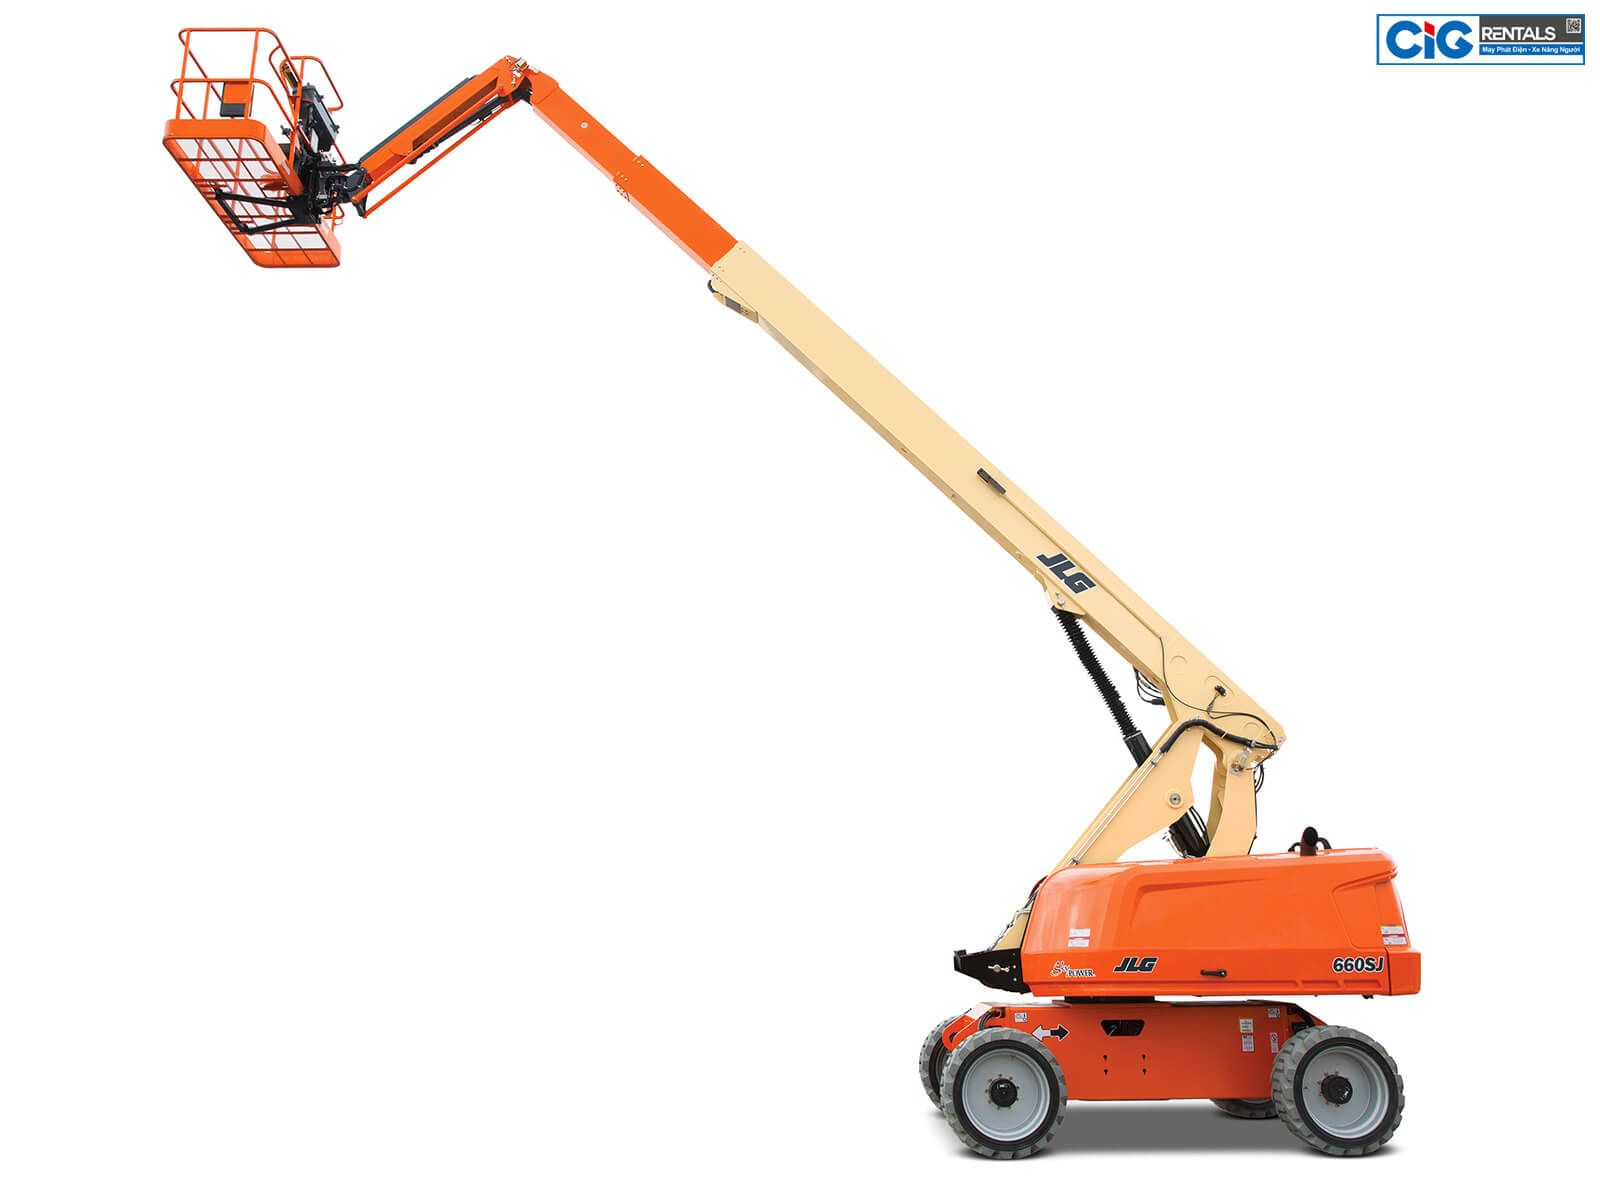 Xe nâng người trên cao 22m JLG 660SJ